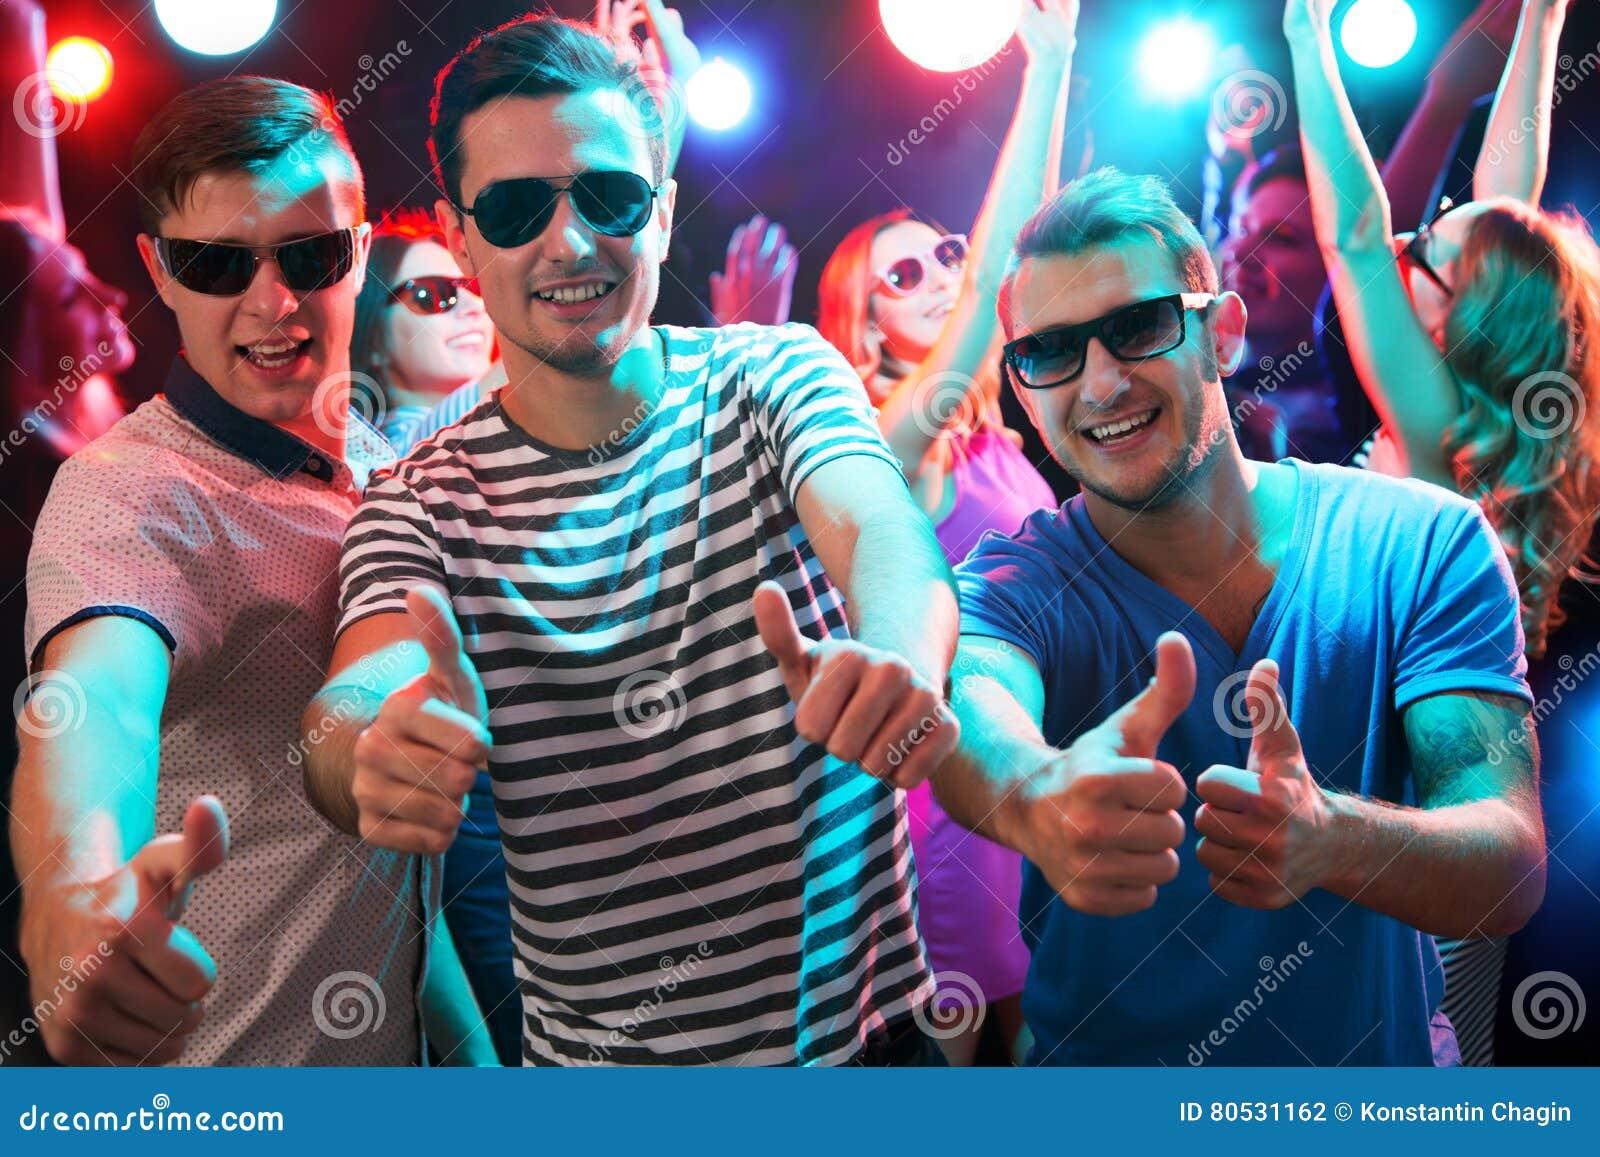 ночной клуб парни